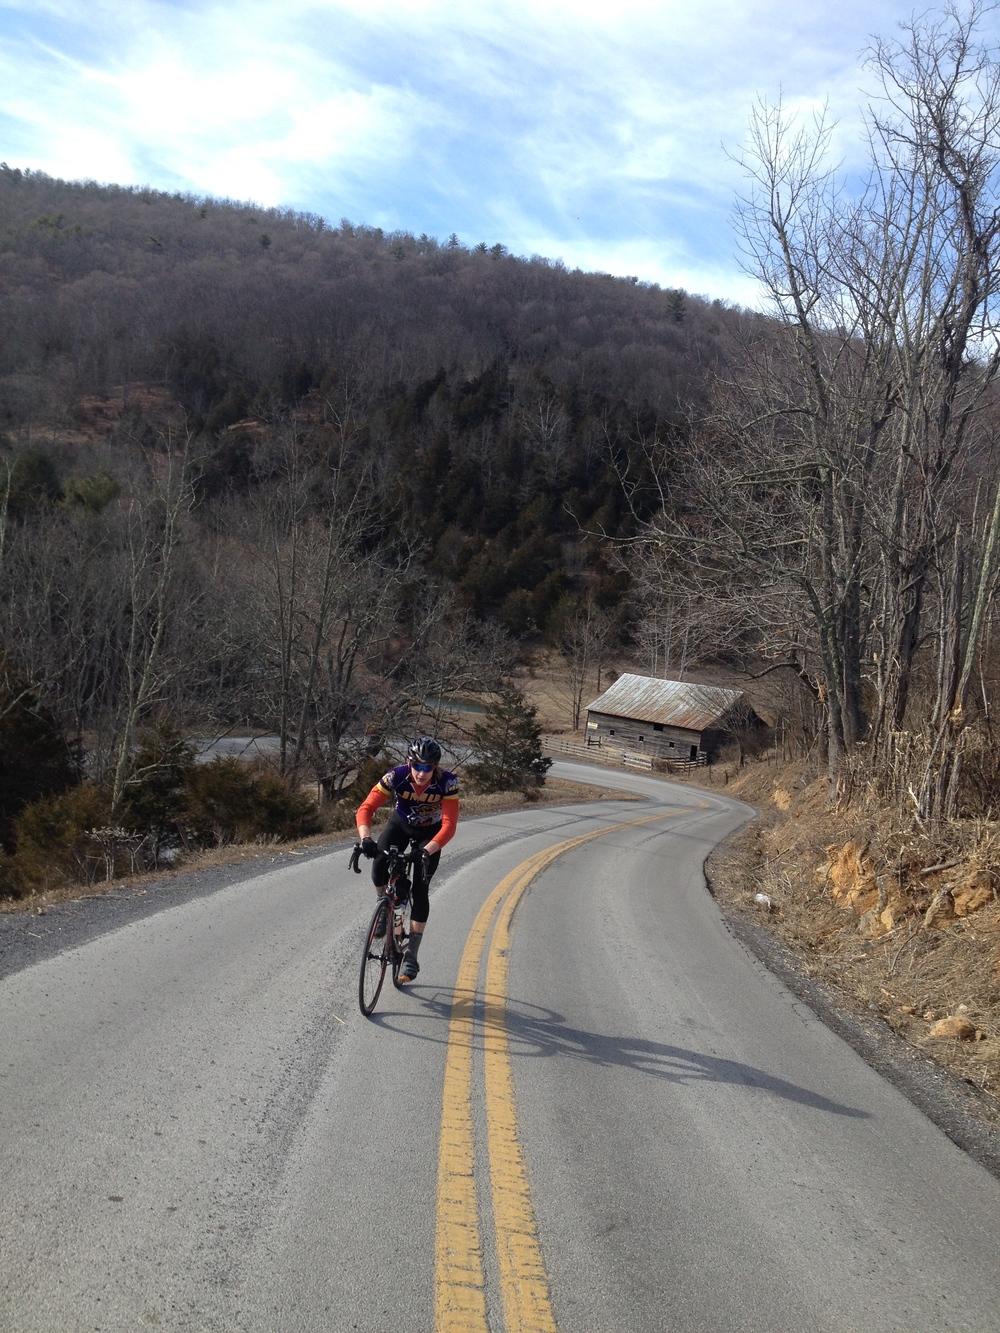 David Taylor pushing it up the climb